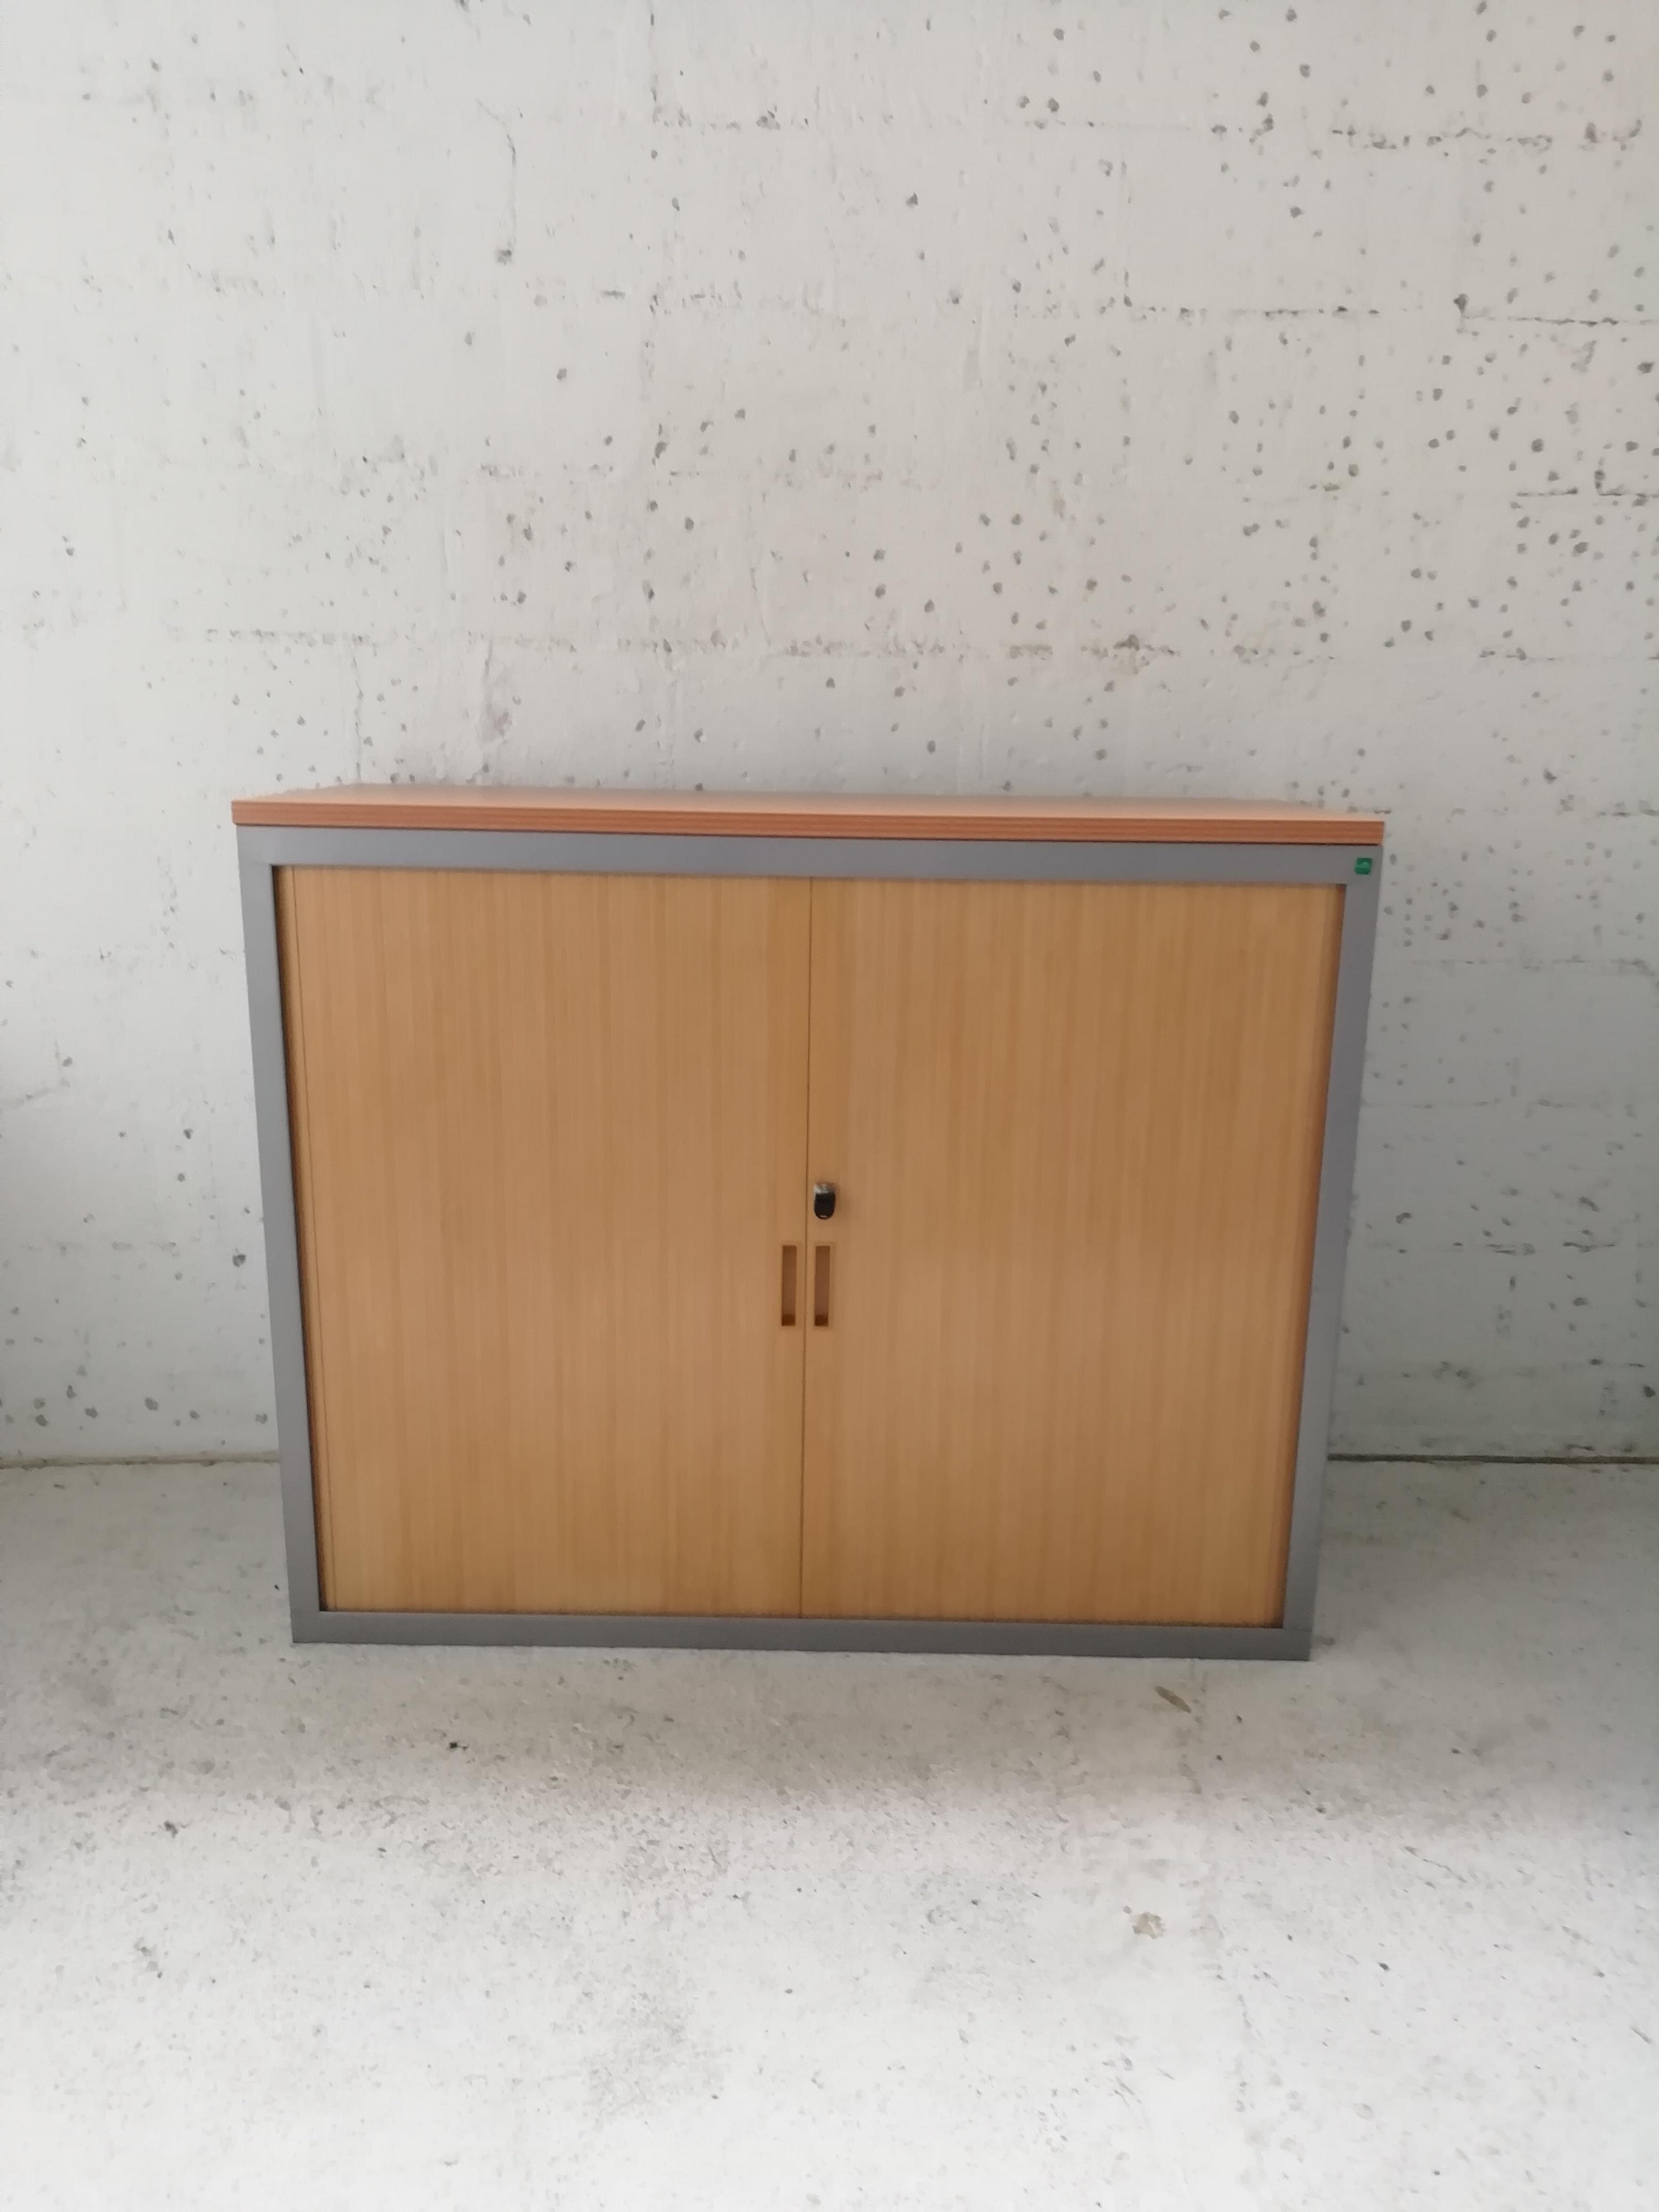 Systeme De Rideau Coulissant armoire basse d'occasion à rideaux gris alu / hêtre